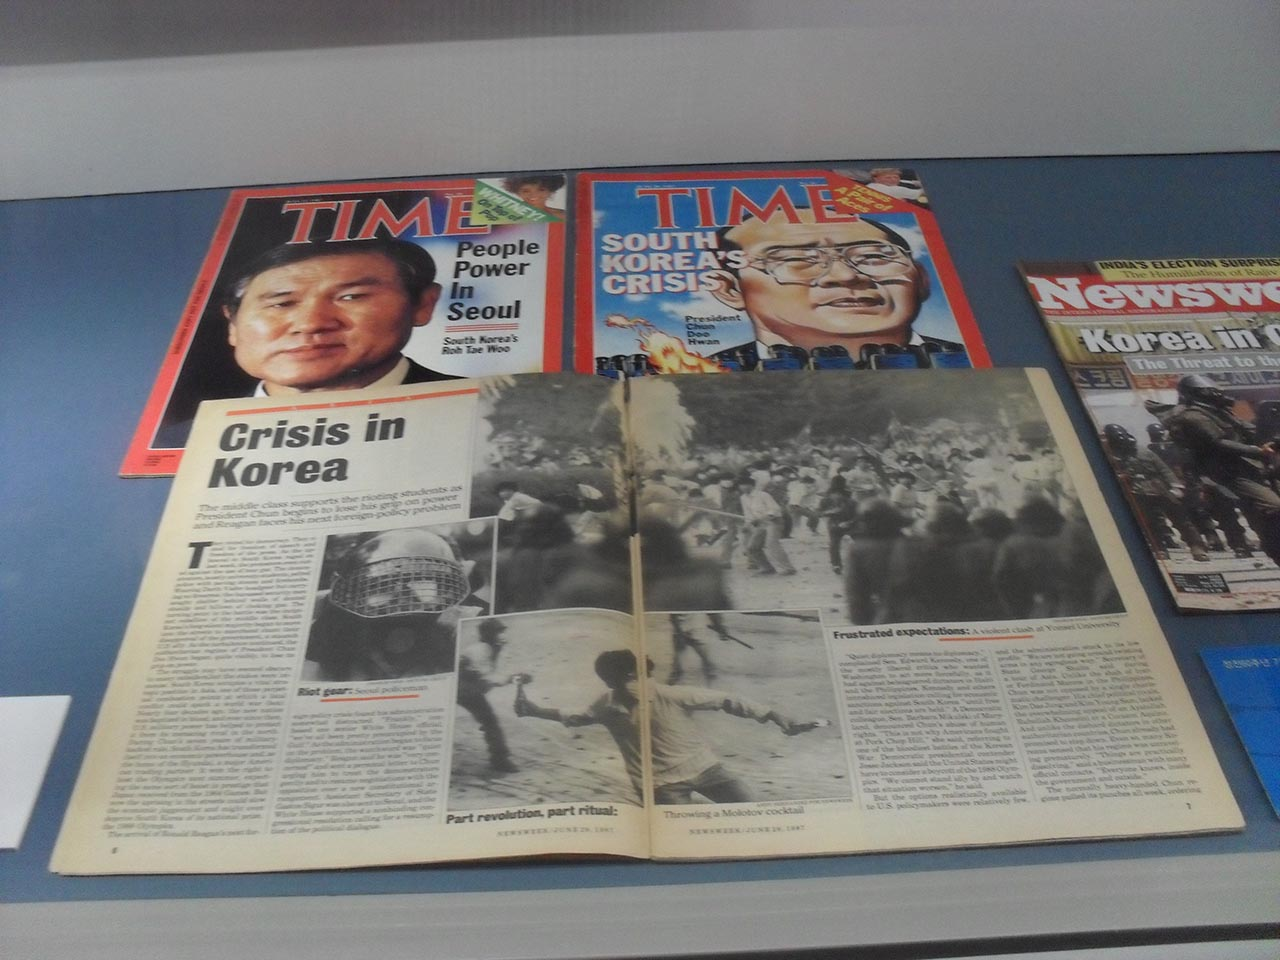 1987년을 전후한 한국의 정치 위기와 노태우·전두환 정권을 다룬 <타임> 기사. 서울 광화문광장 동편의 대한민국역사박물관에서 찍은 사진.